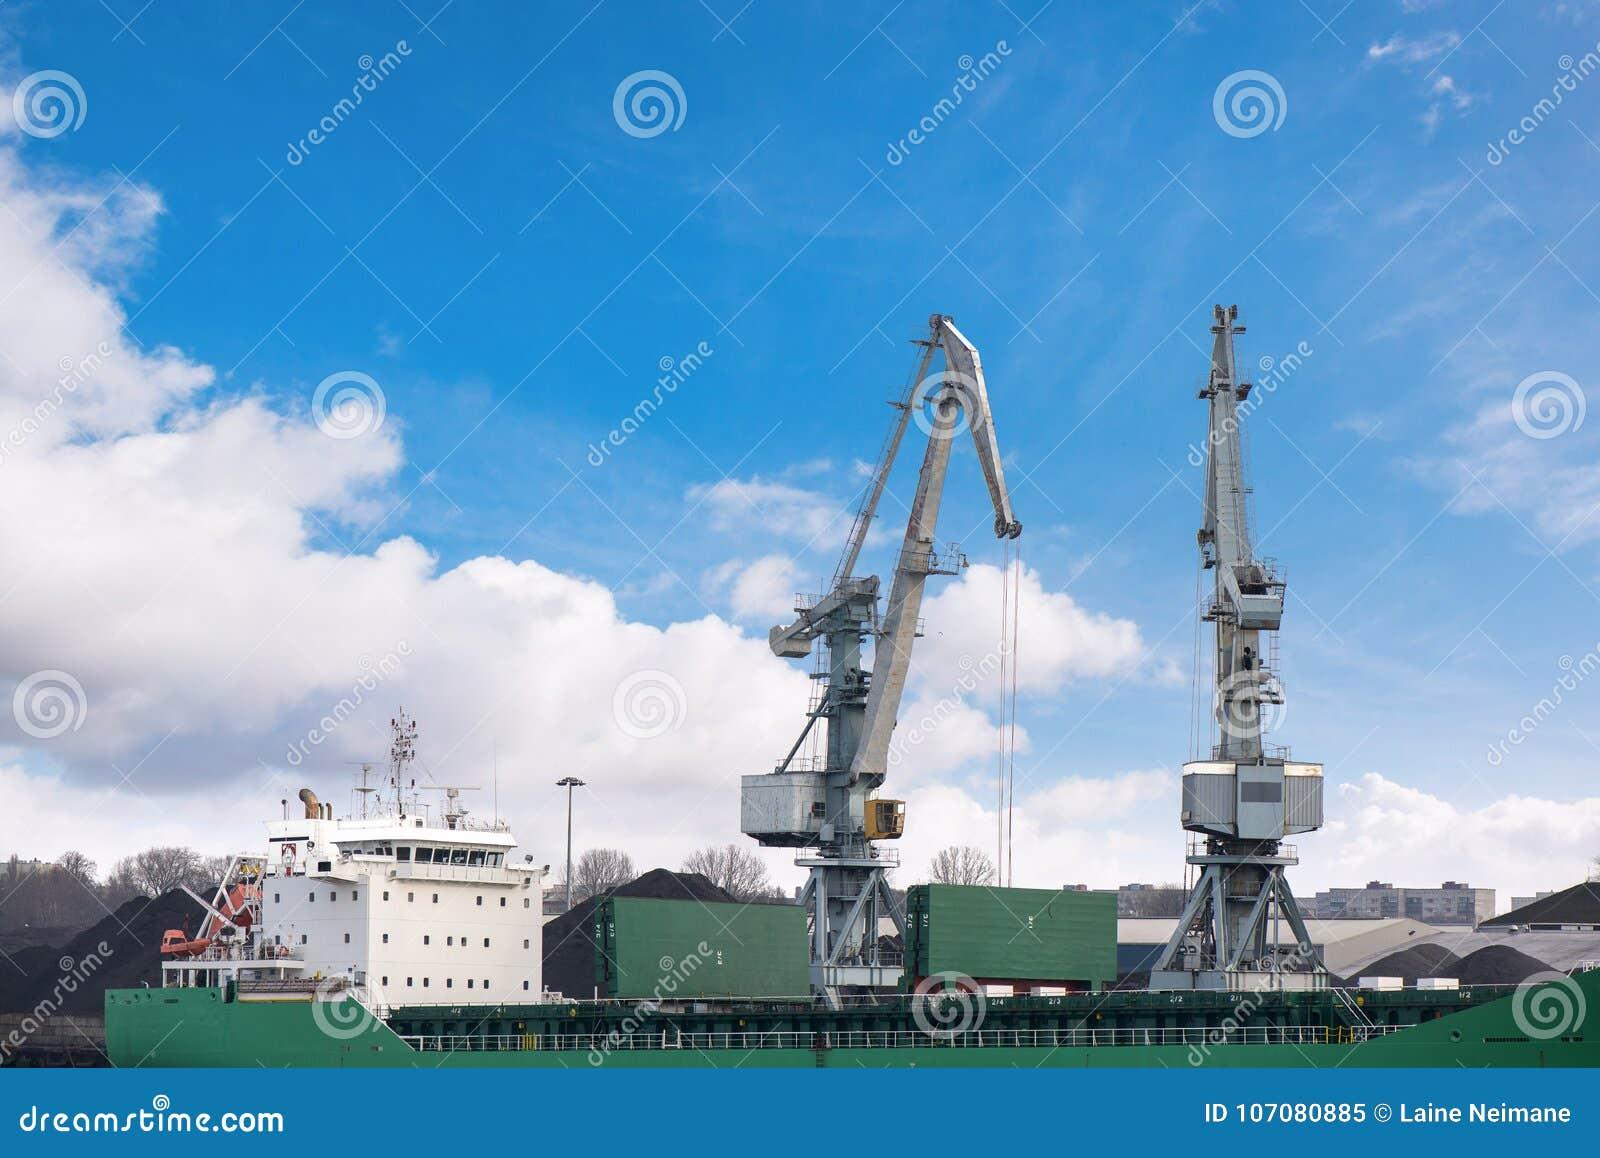 Tiré de deux vieux, le port rouillé et gris tend le cou avec de grands crochets, soulevant la cargaison dans le bateau sur le fon